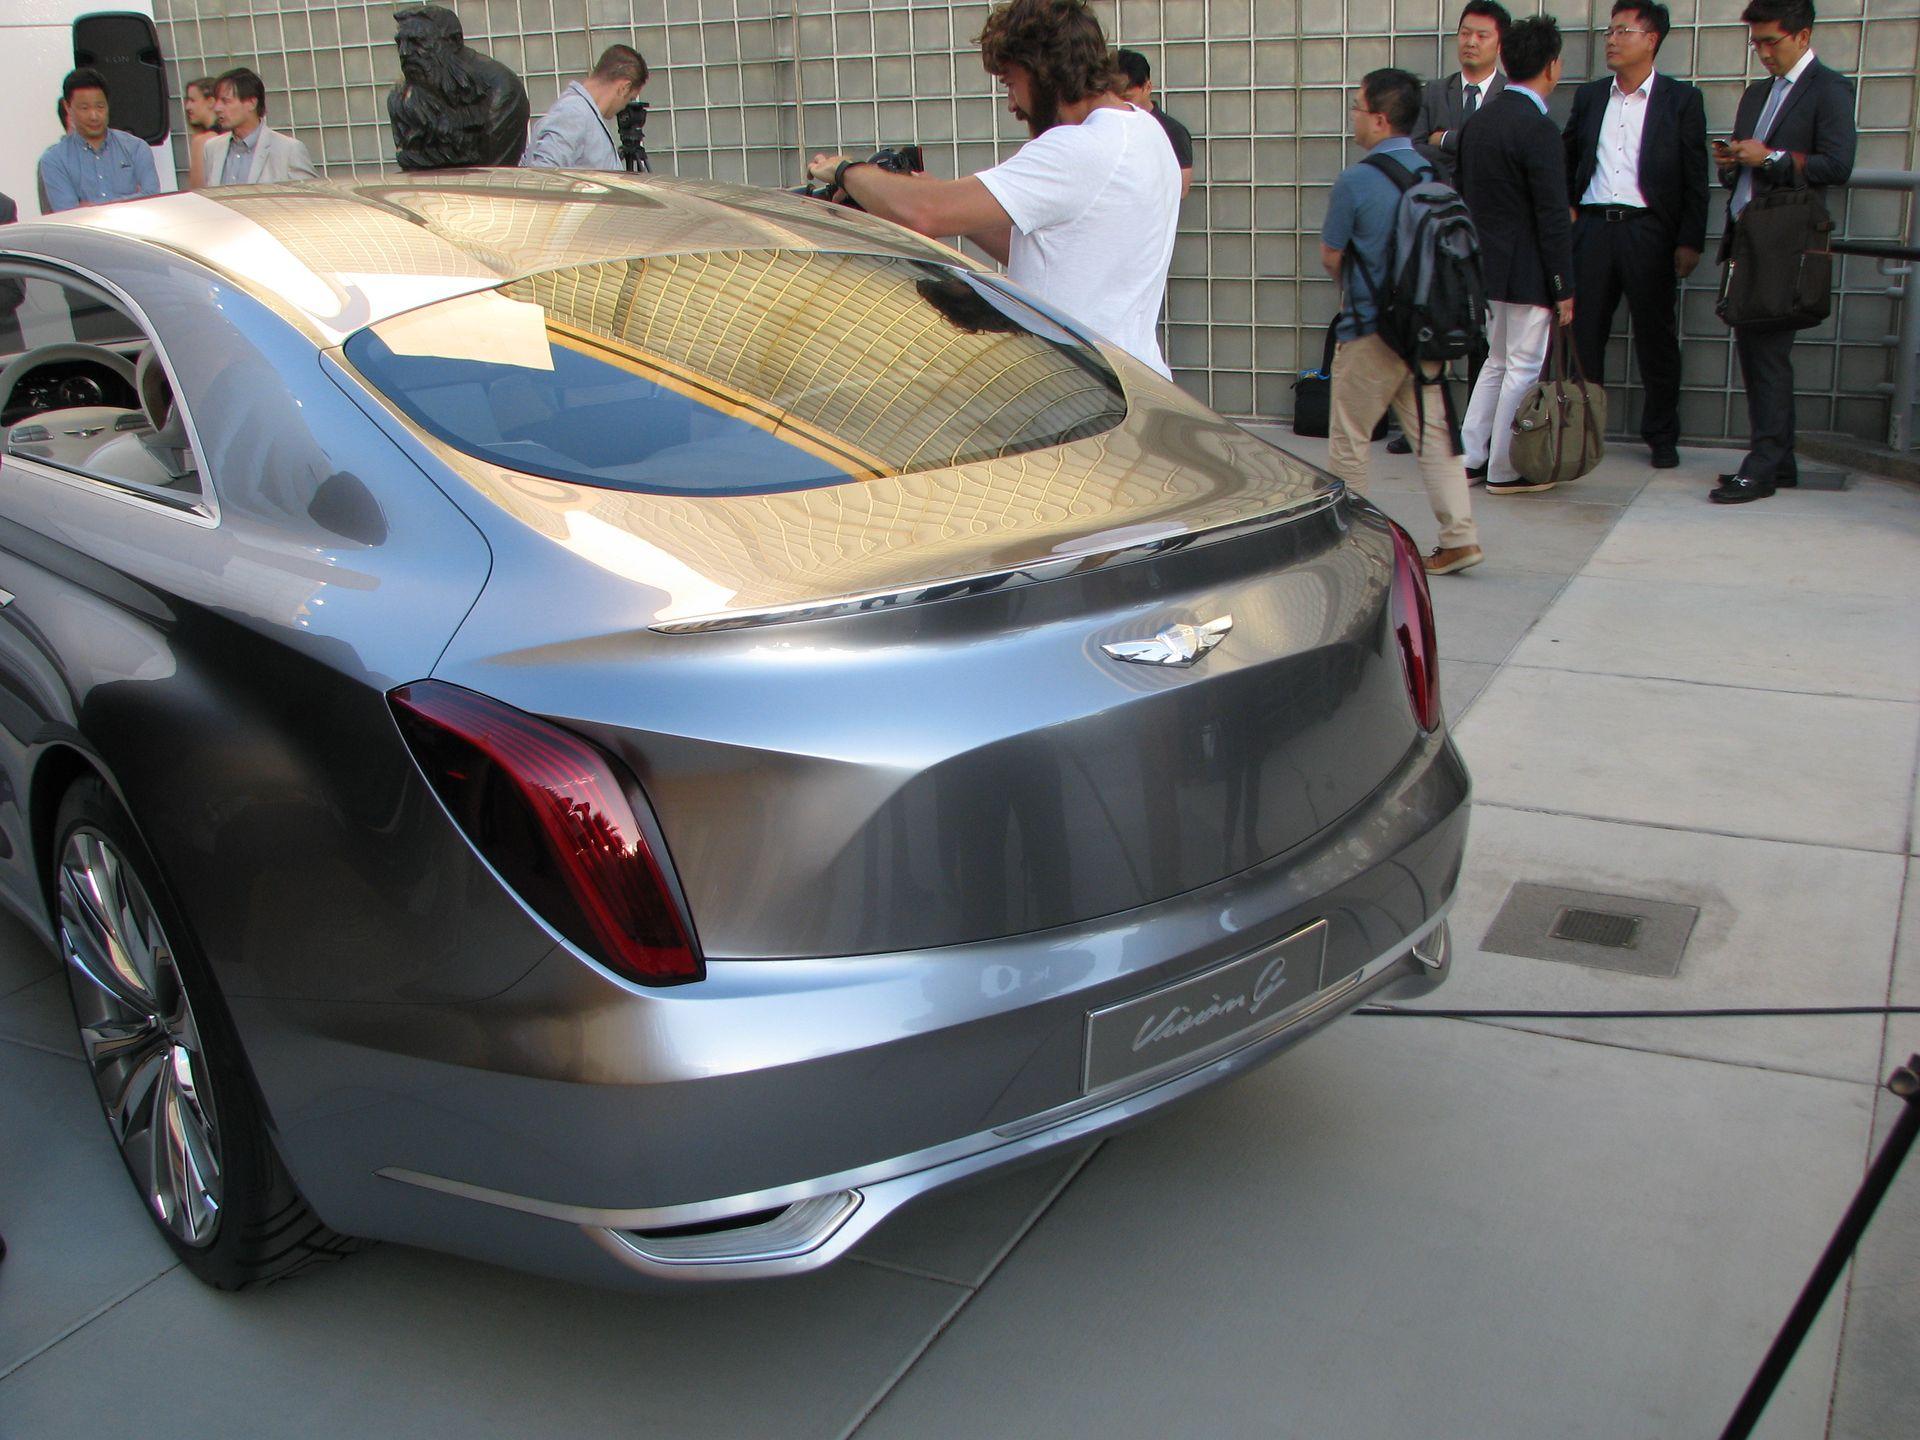 Hyundai concept 4